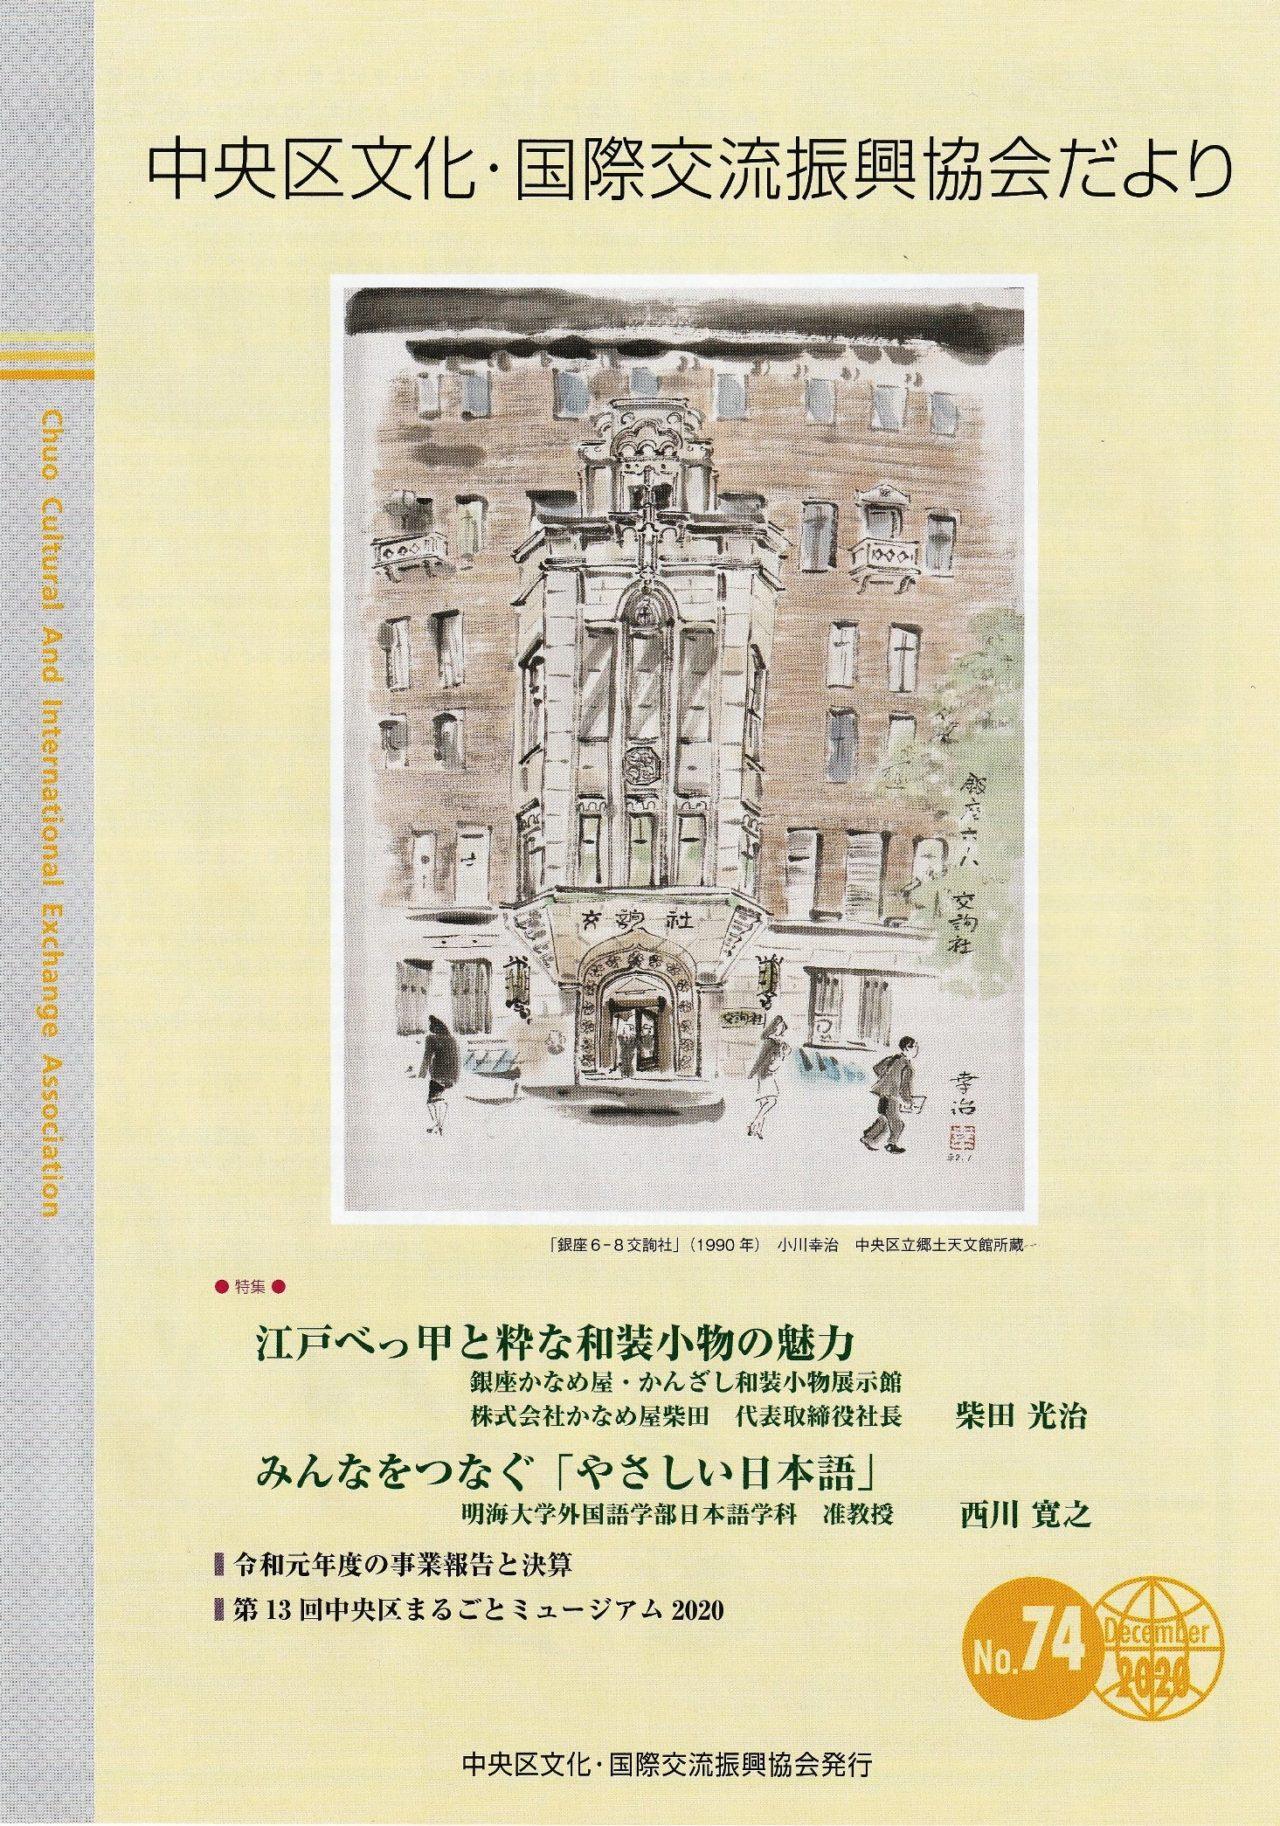 中央区文化・国際交流振興会だより№74・December 2020